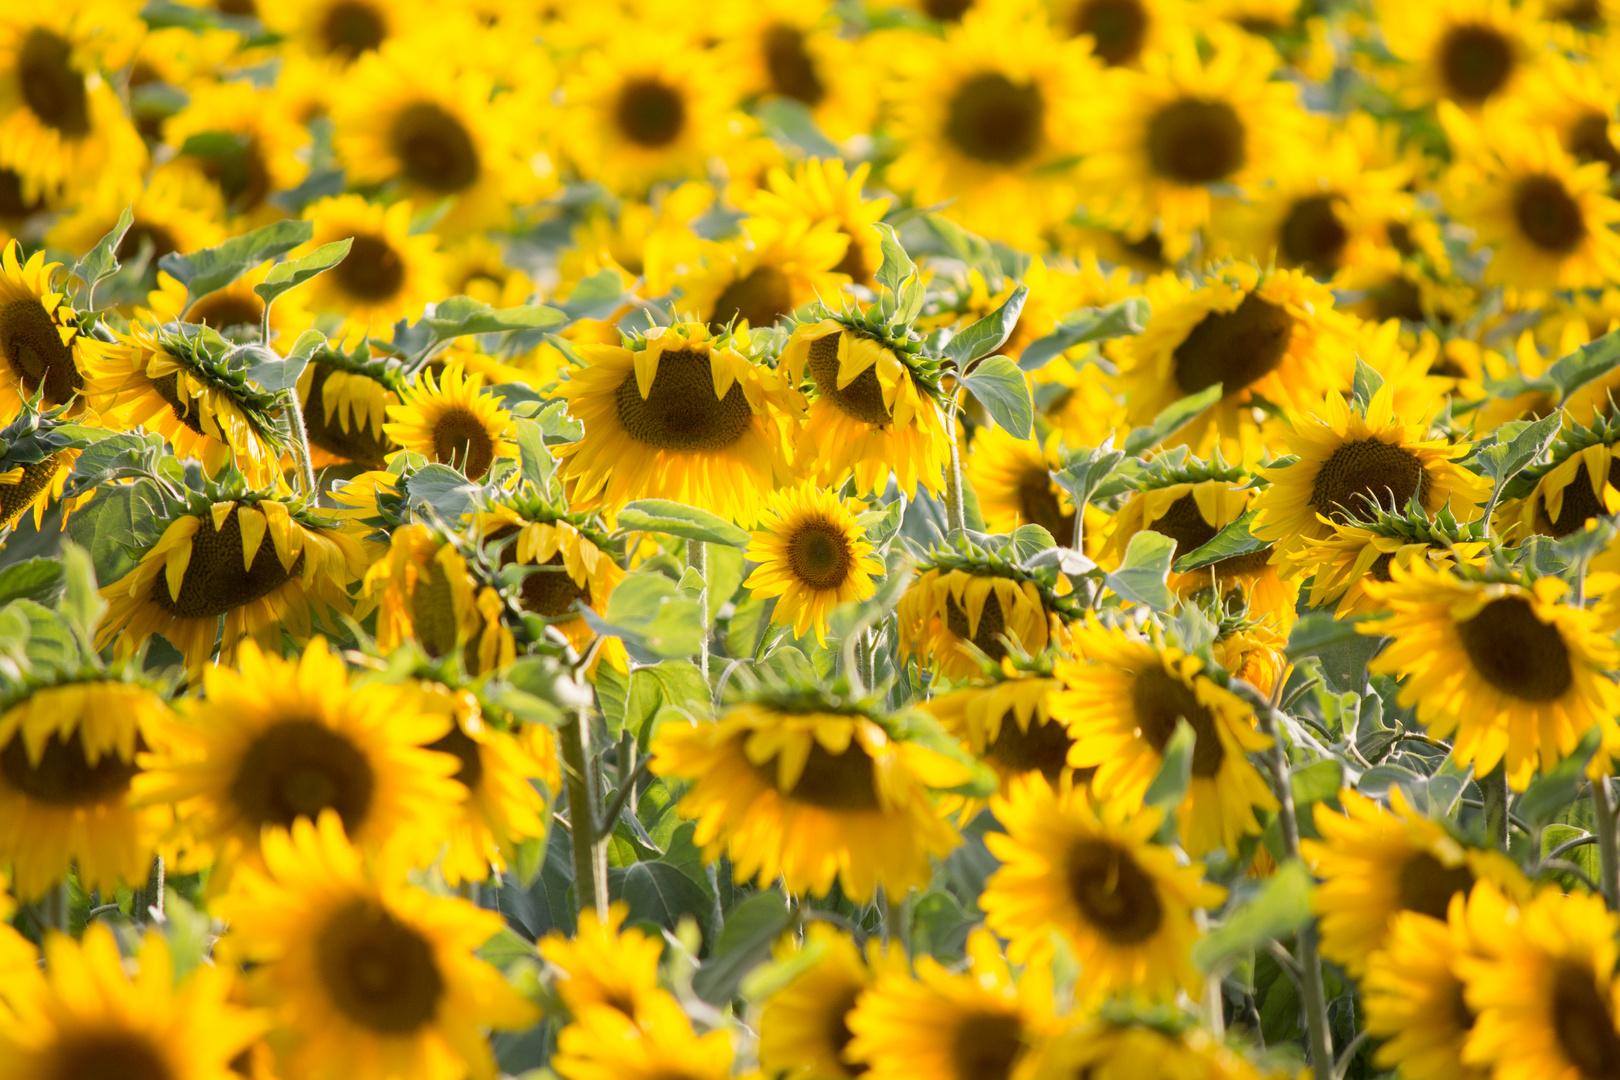 Das klassische Sonnenblumenfeld